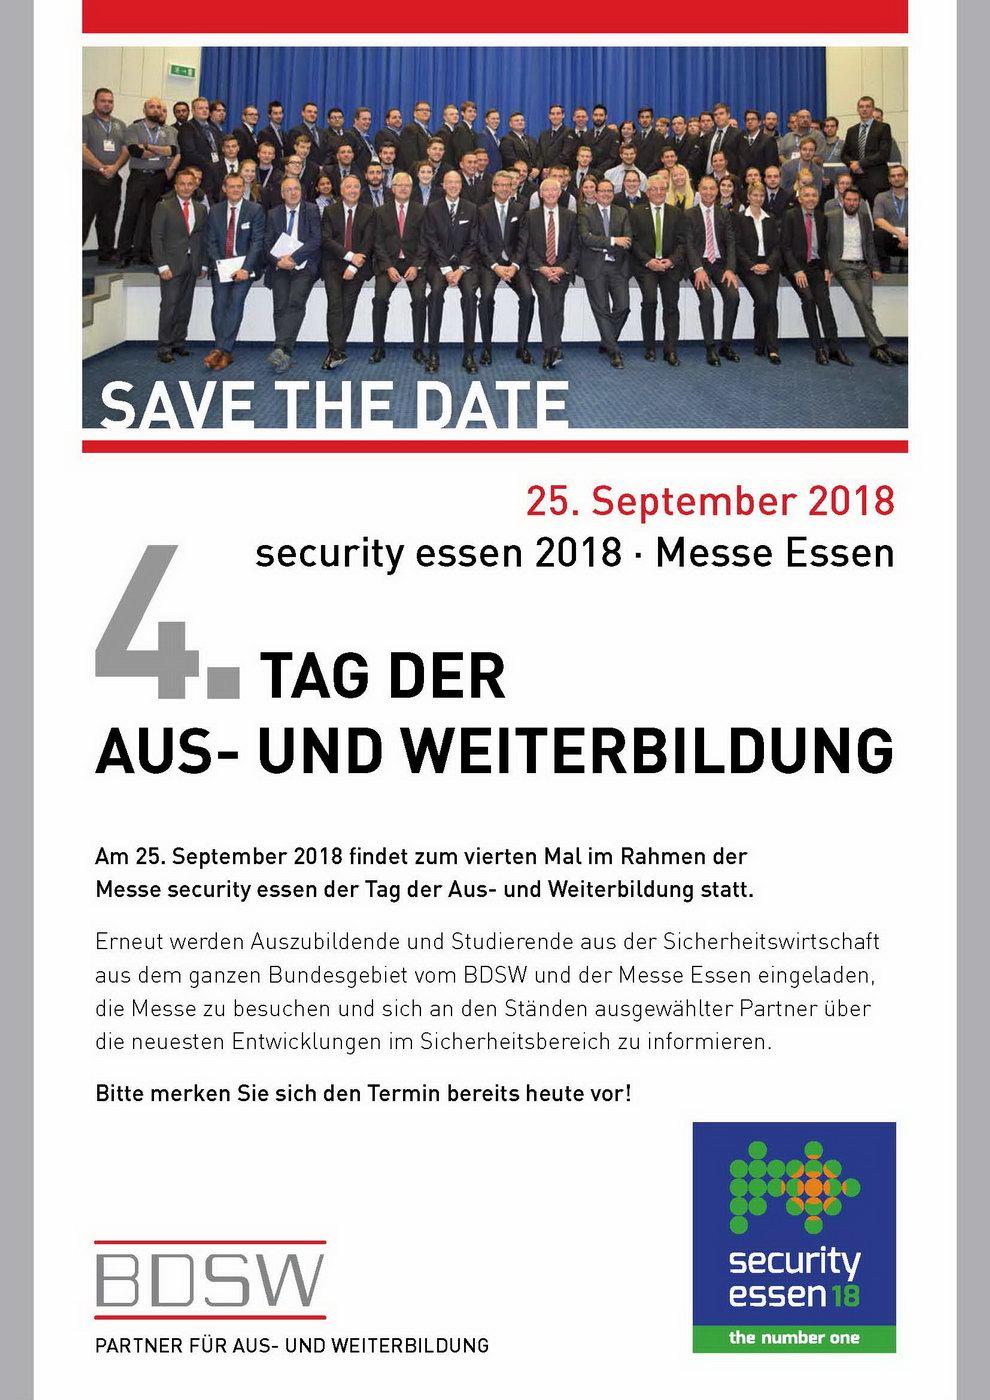 4. Tag der Aus- und Weiterbildung-BDSW.de